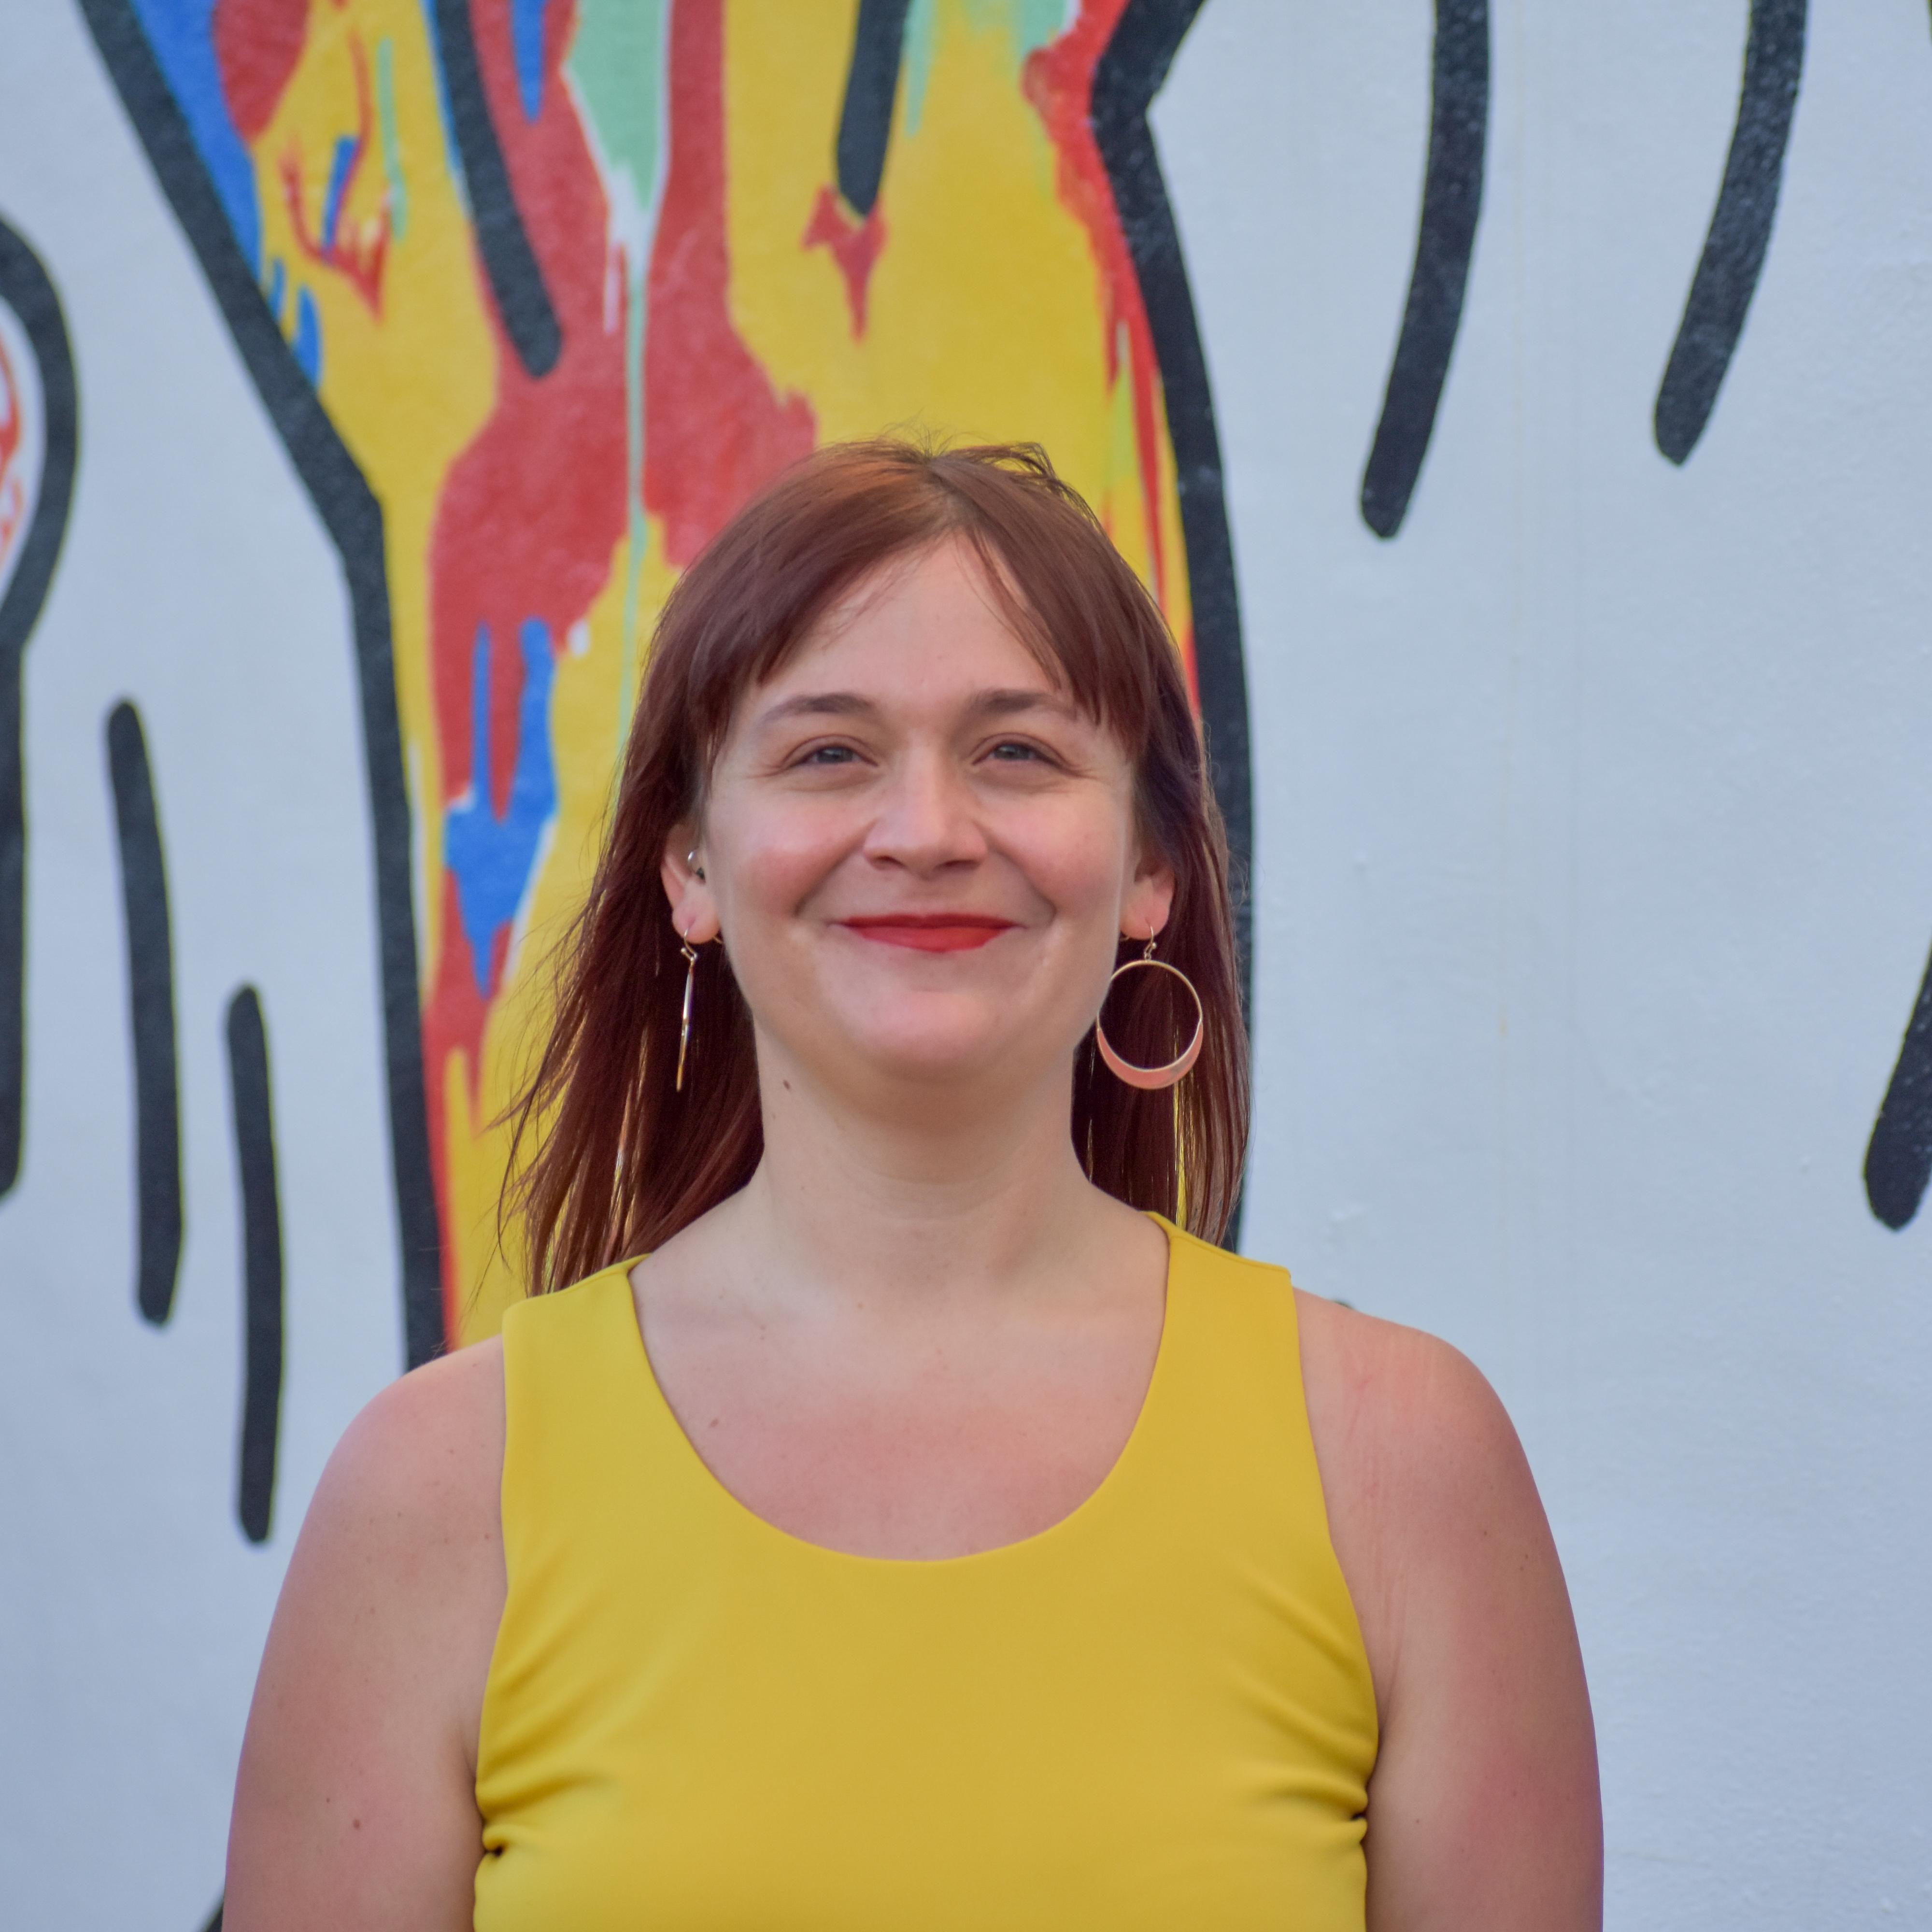 Sharon Ulak